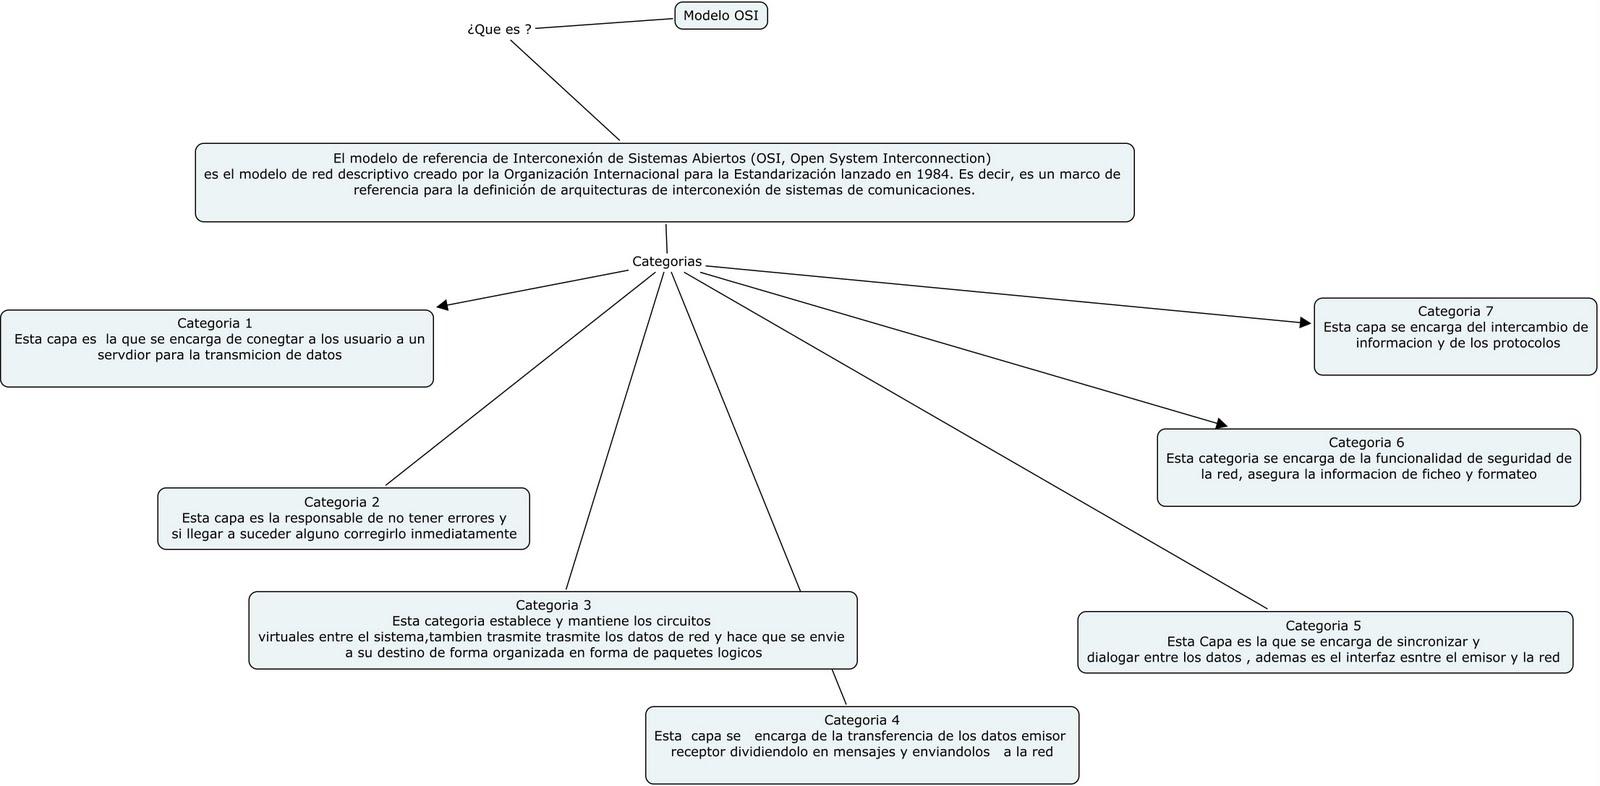 INSTALACIÒN DE REDES: Ejemplos de normas y protocolos para Modelo ...